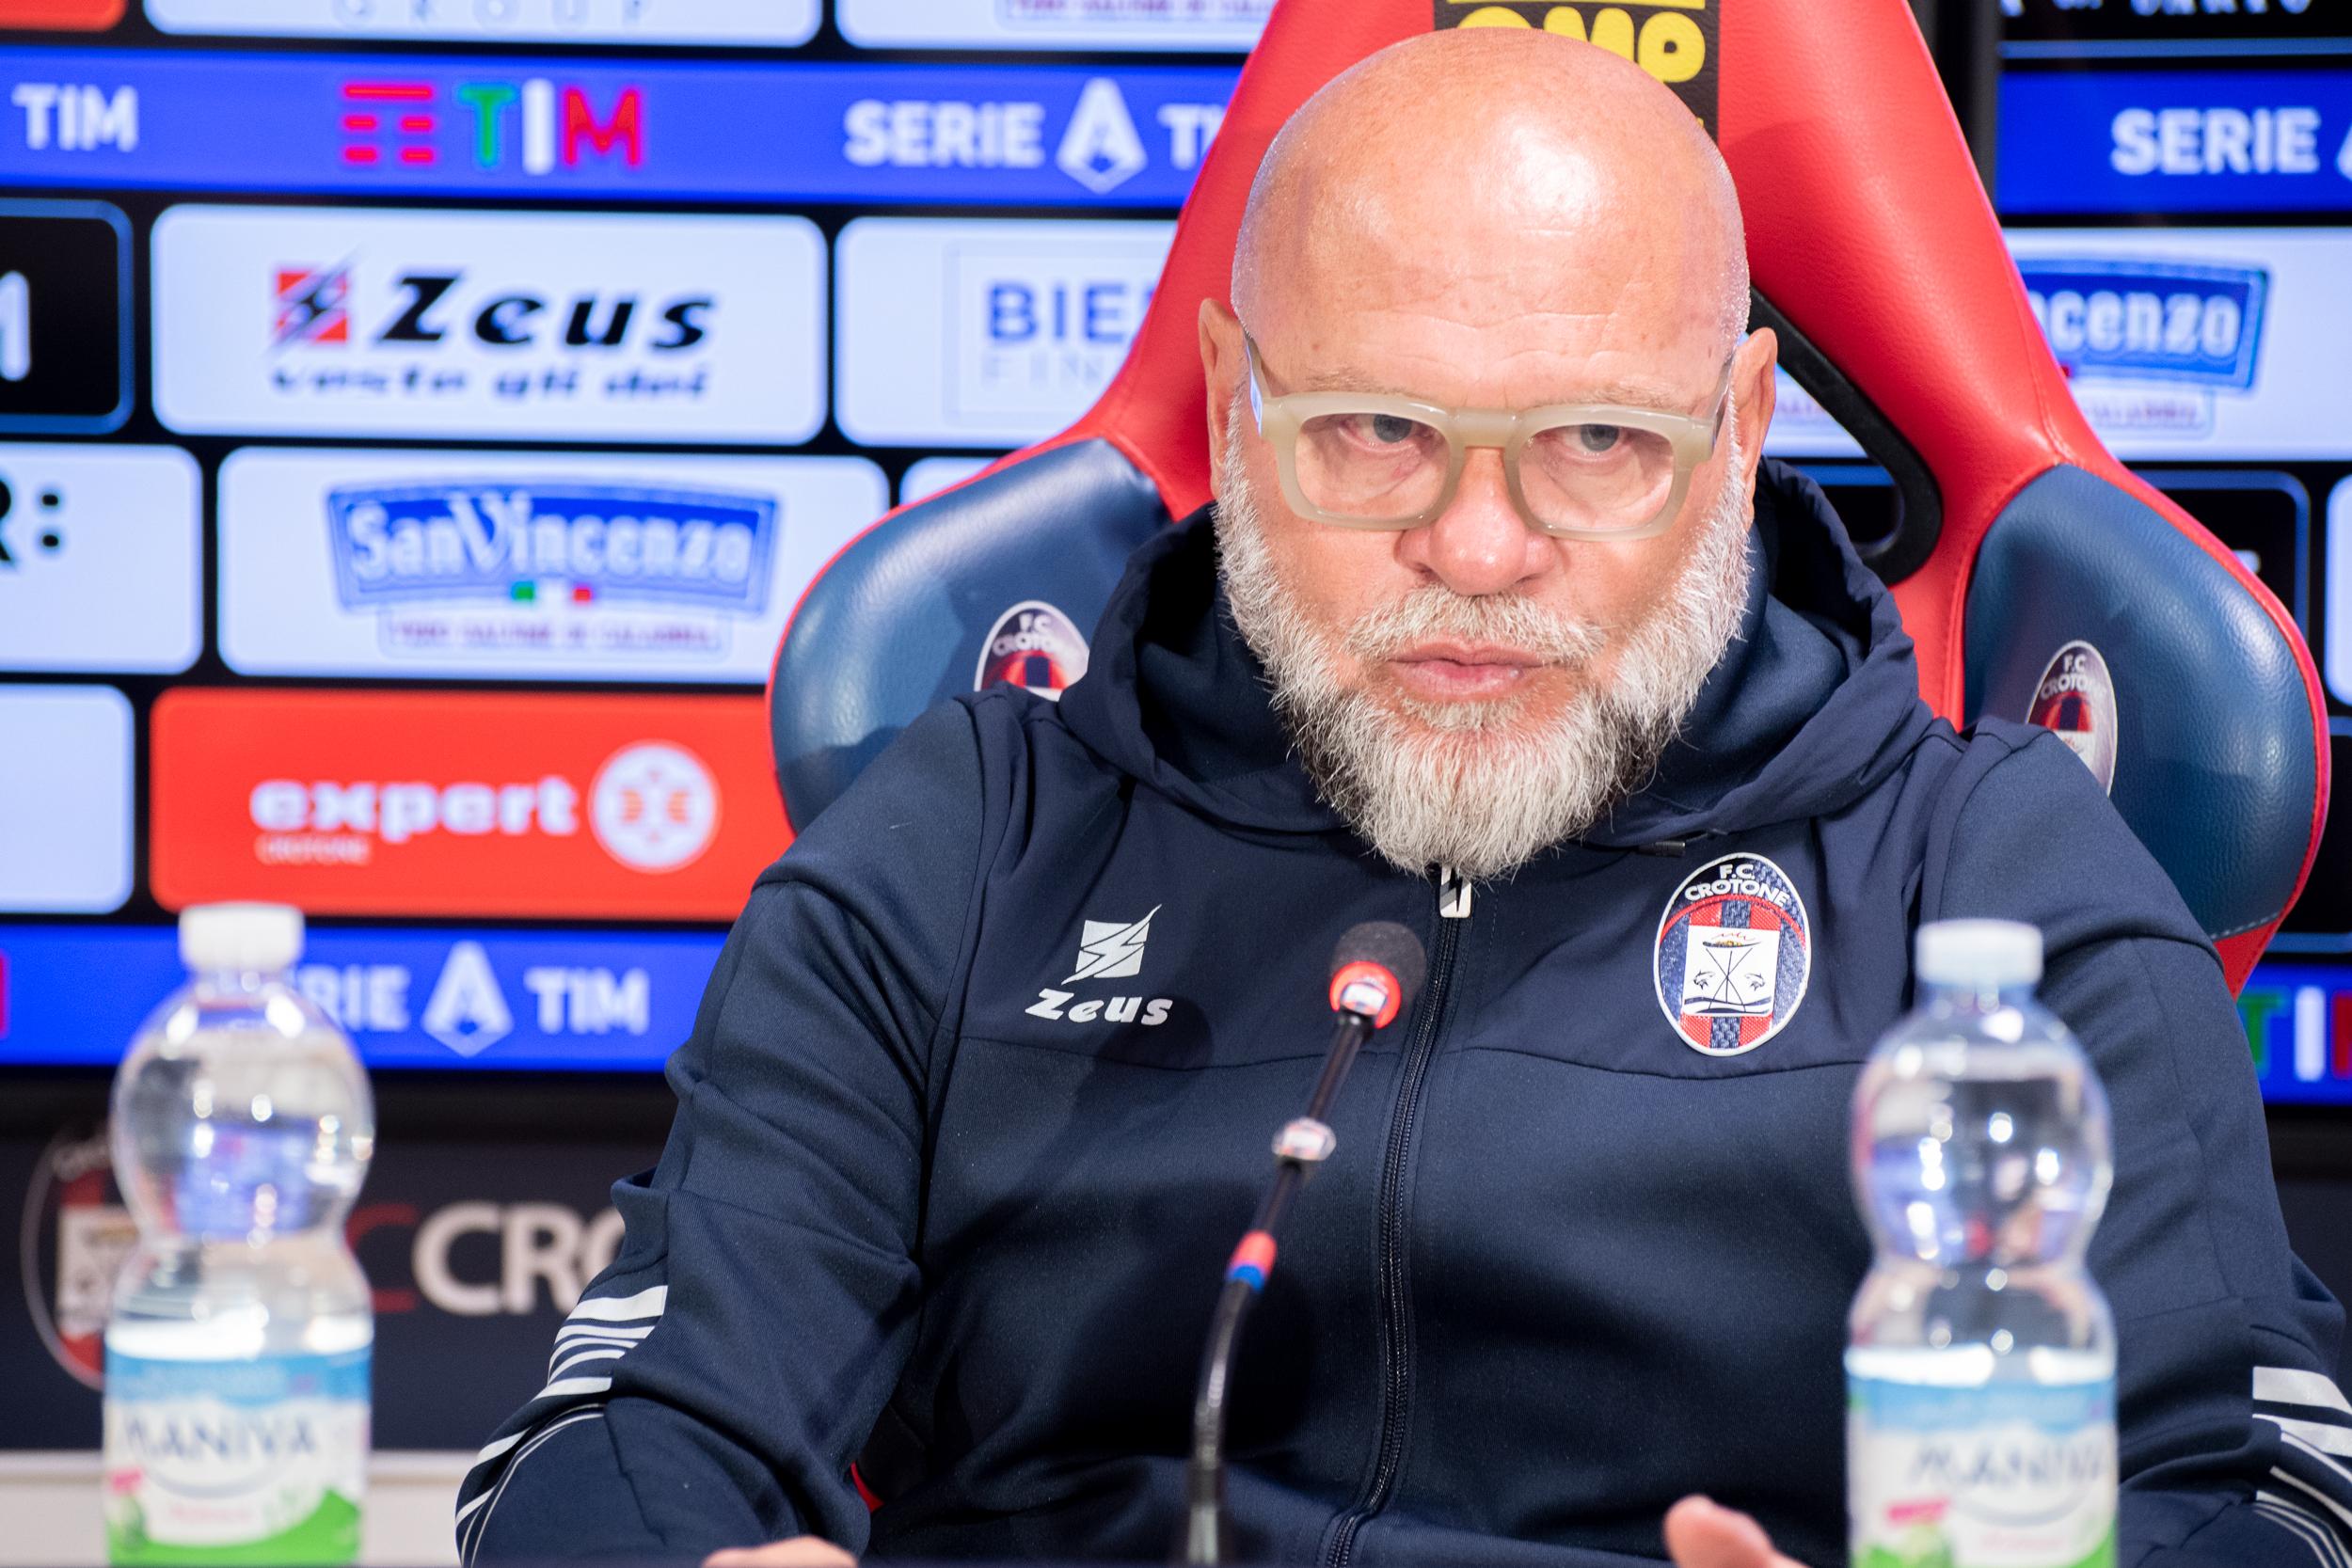 Mister Cosmi alla vigilia di #NapoliCrotone